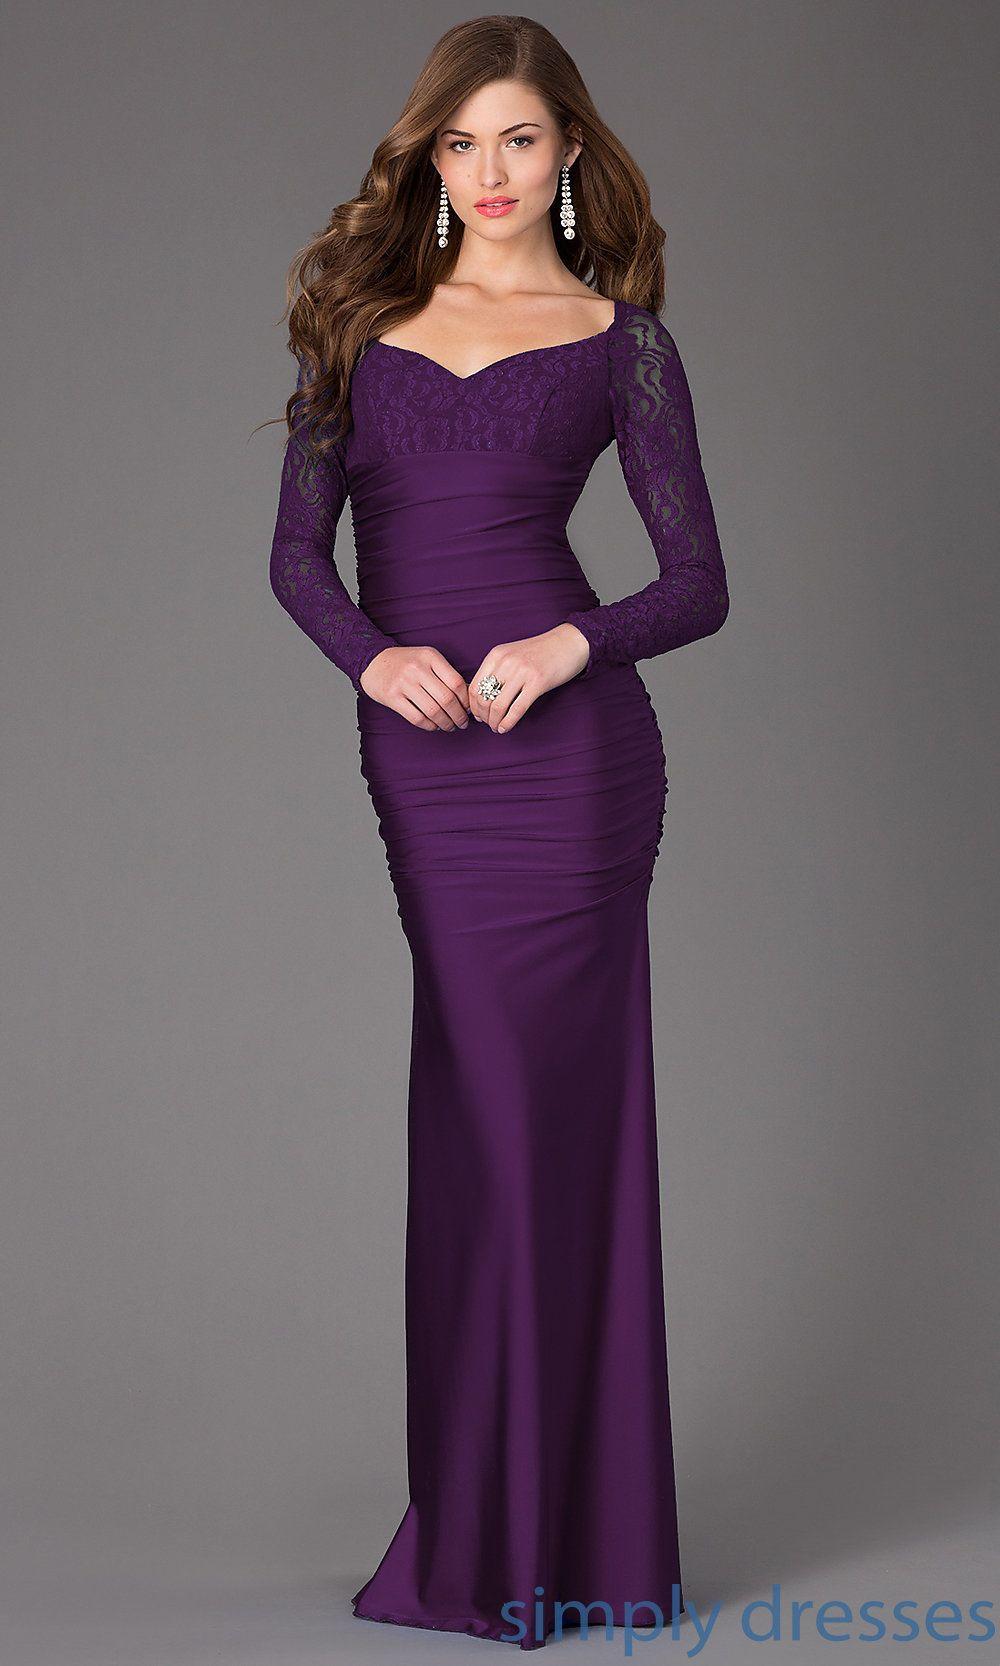 Long Sleeved Floor Length Dress | Pinterest | Floor length dresses ...